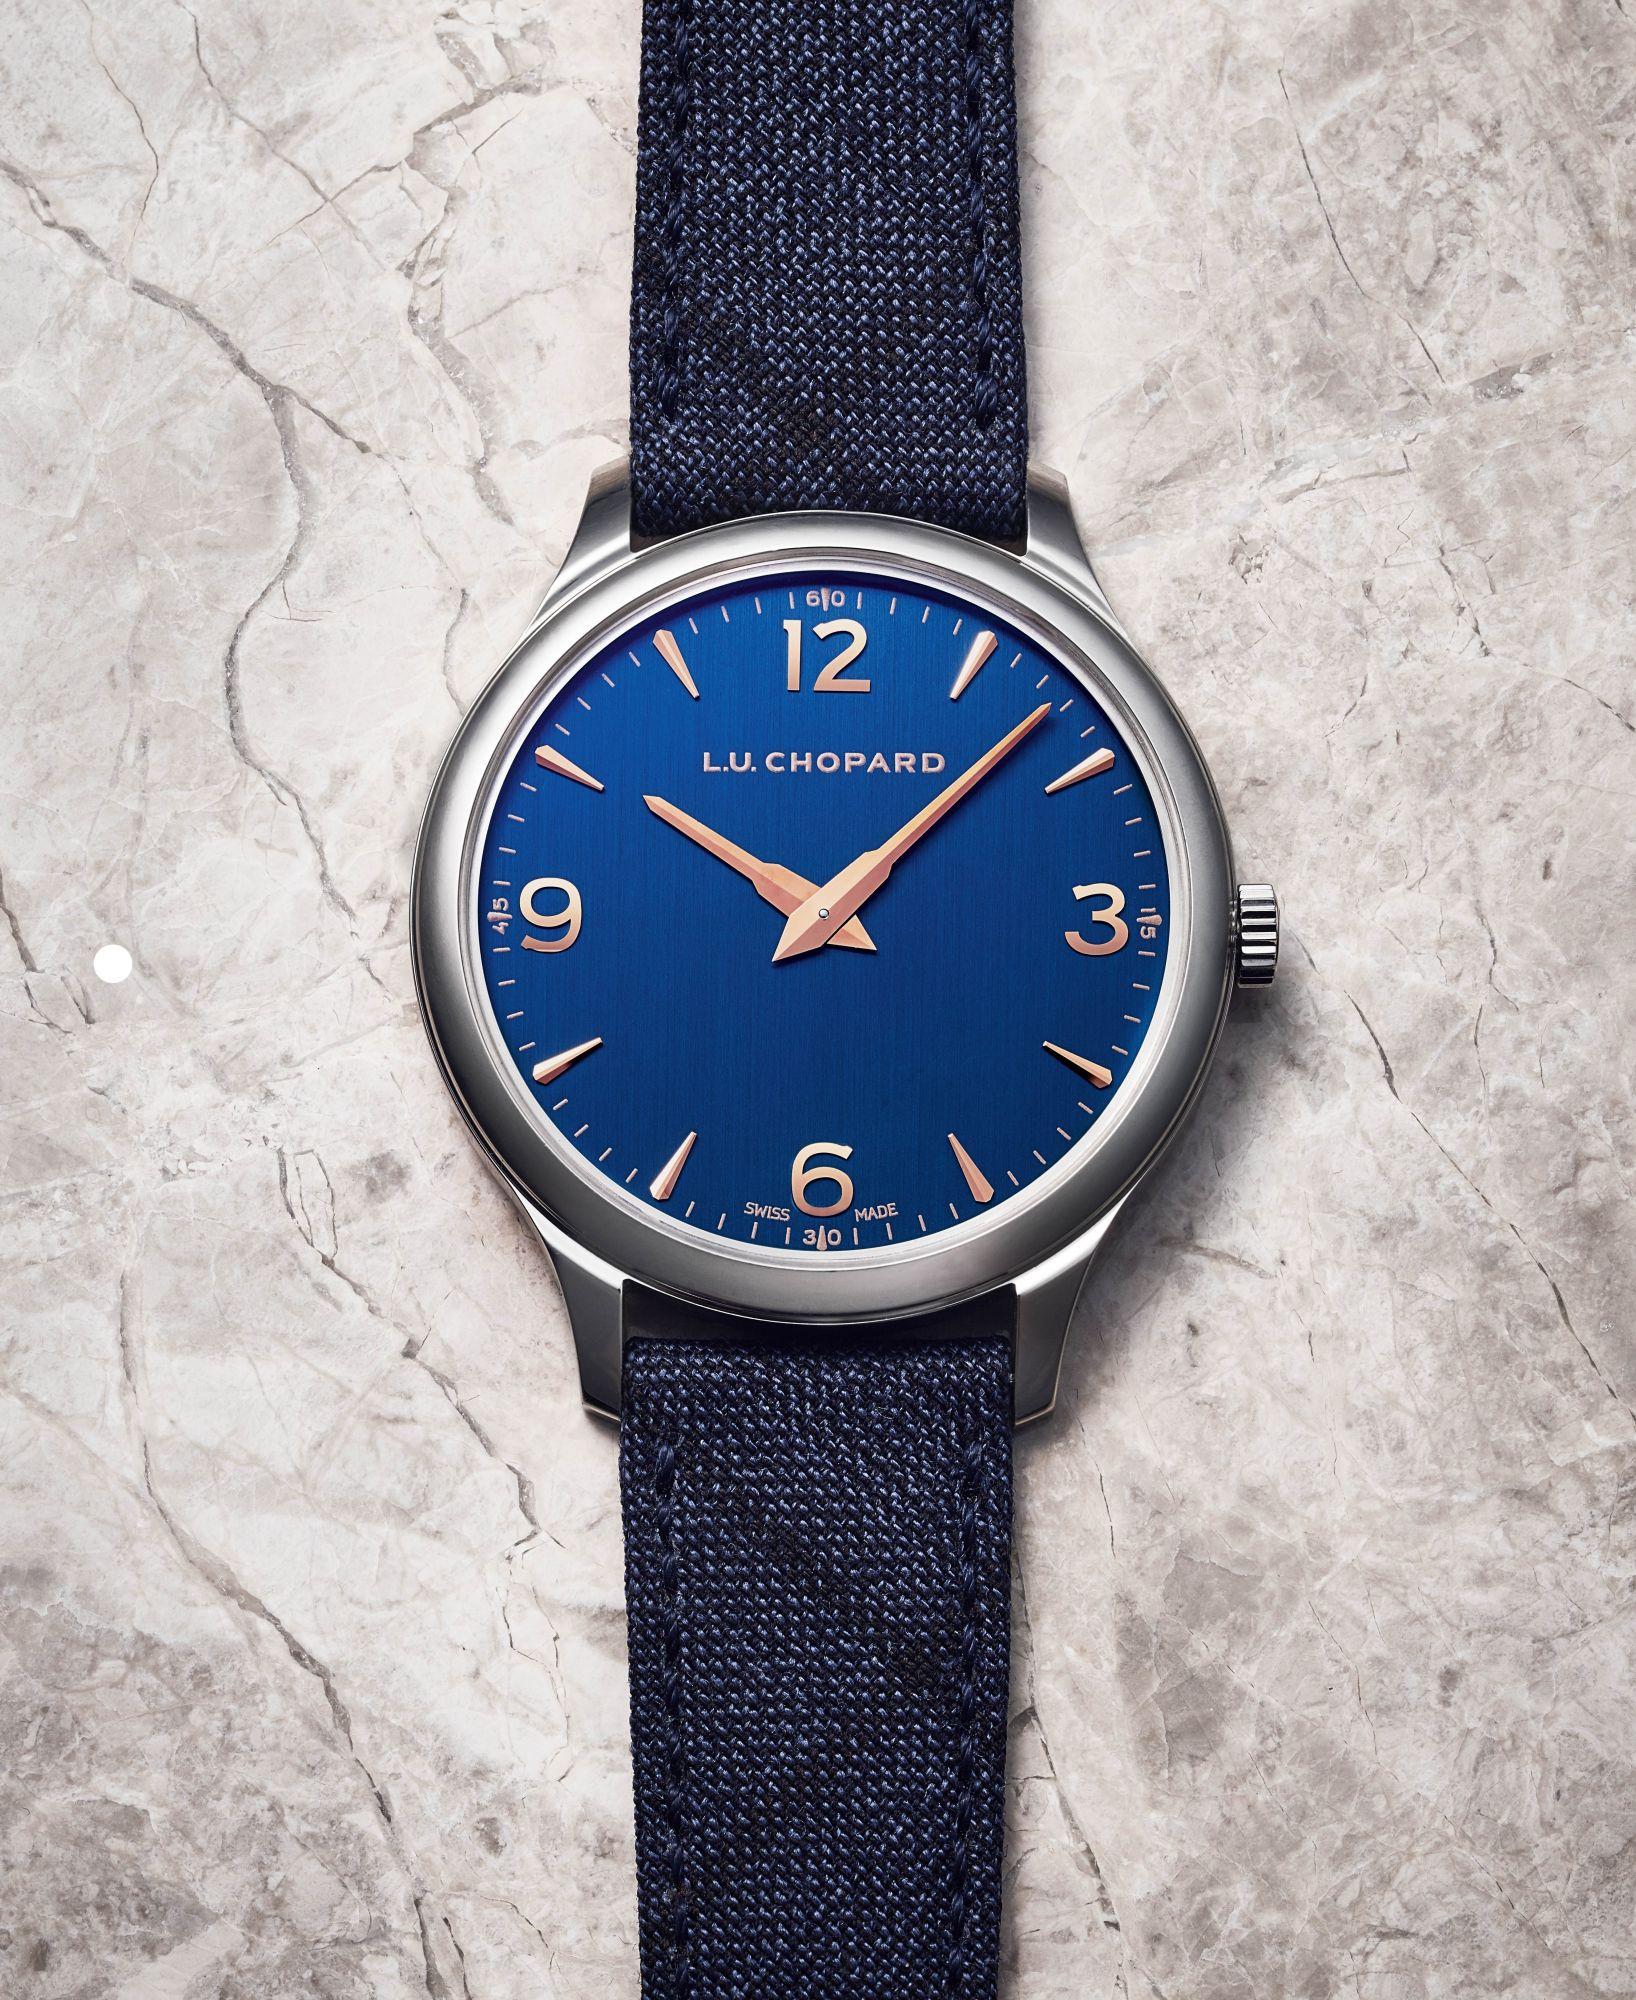 延續頂級西服訂製精神,蕭邦L.U.C XP腕錶一展優雅灑脫的紳士風範